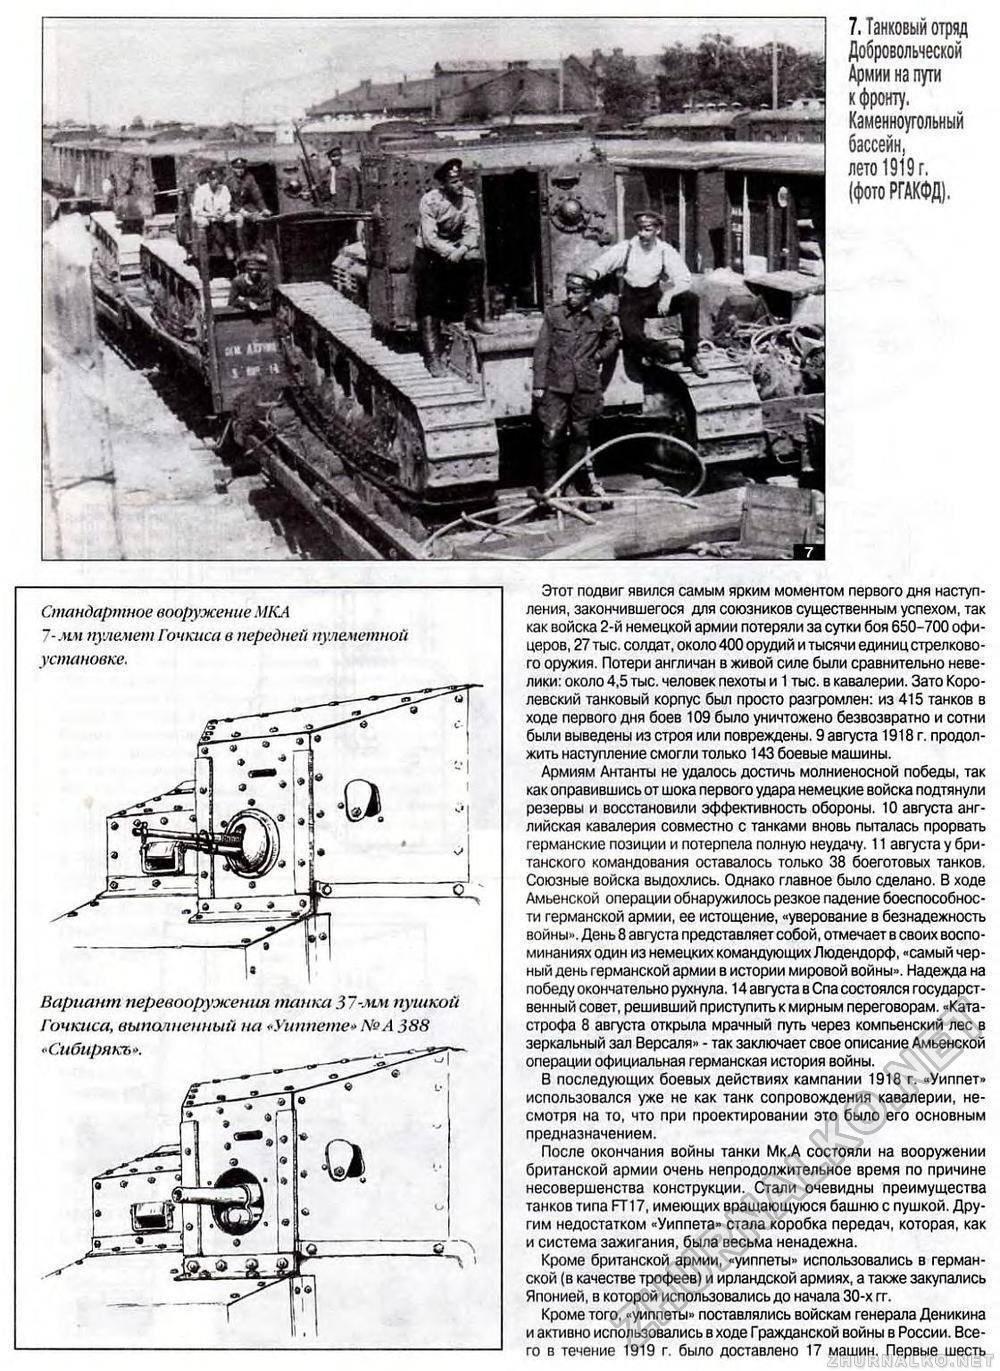 Hotchkiss wz.25 — википедия с видео // wiki 2